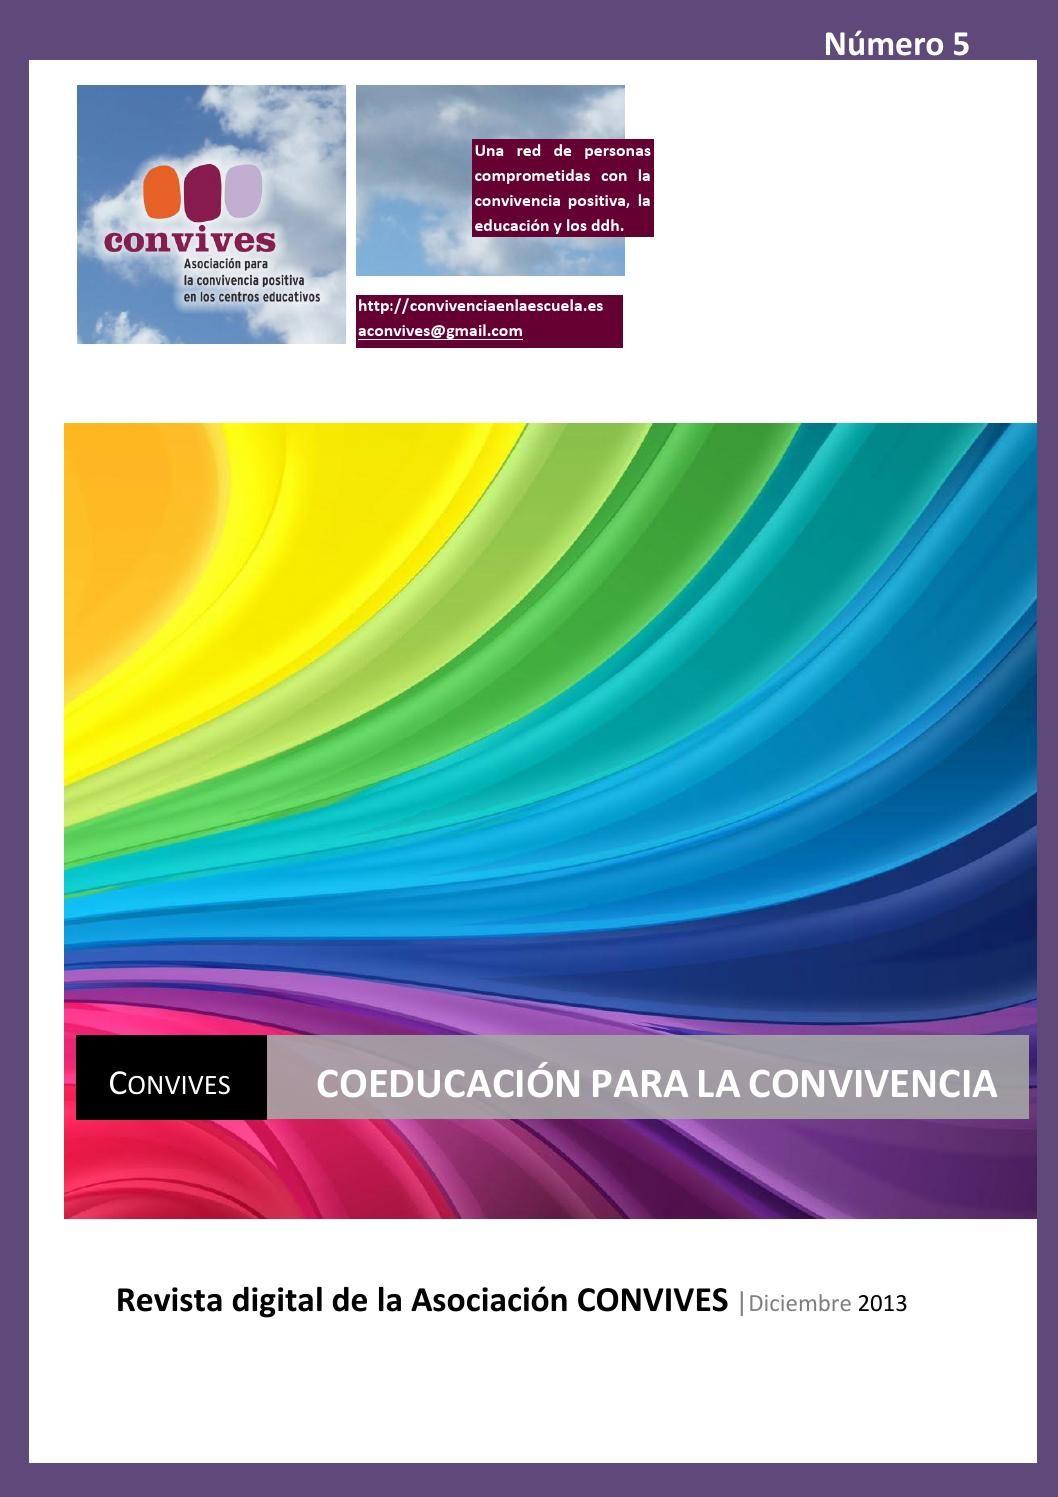 Convives 5 coeducacion 1 diciembre 2013  Revista de Convivencia, que dedica un número monográfico a la Coeducación.